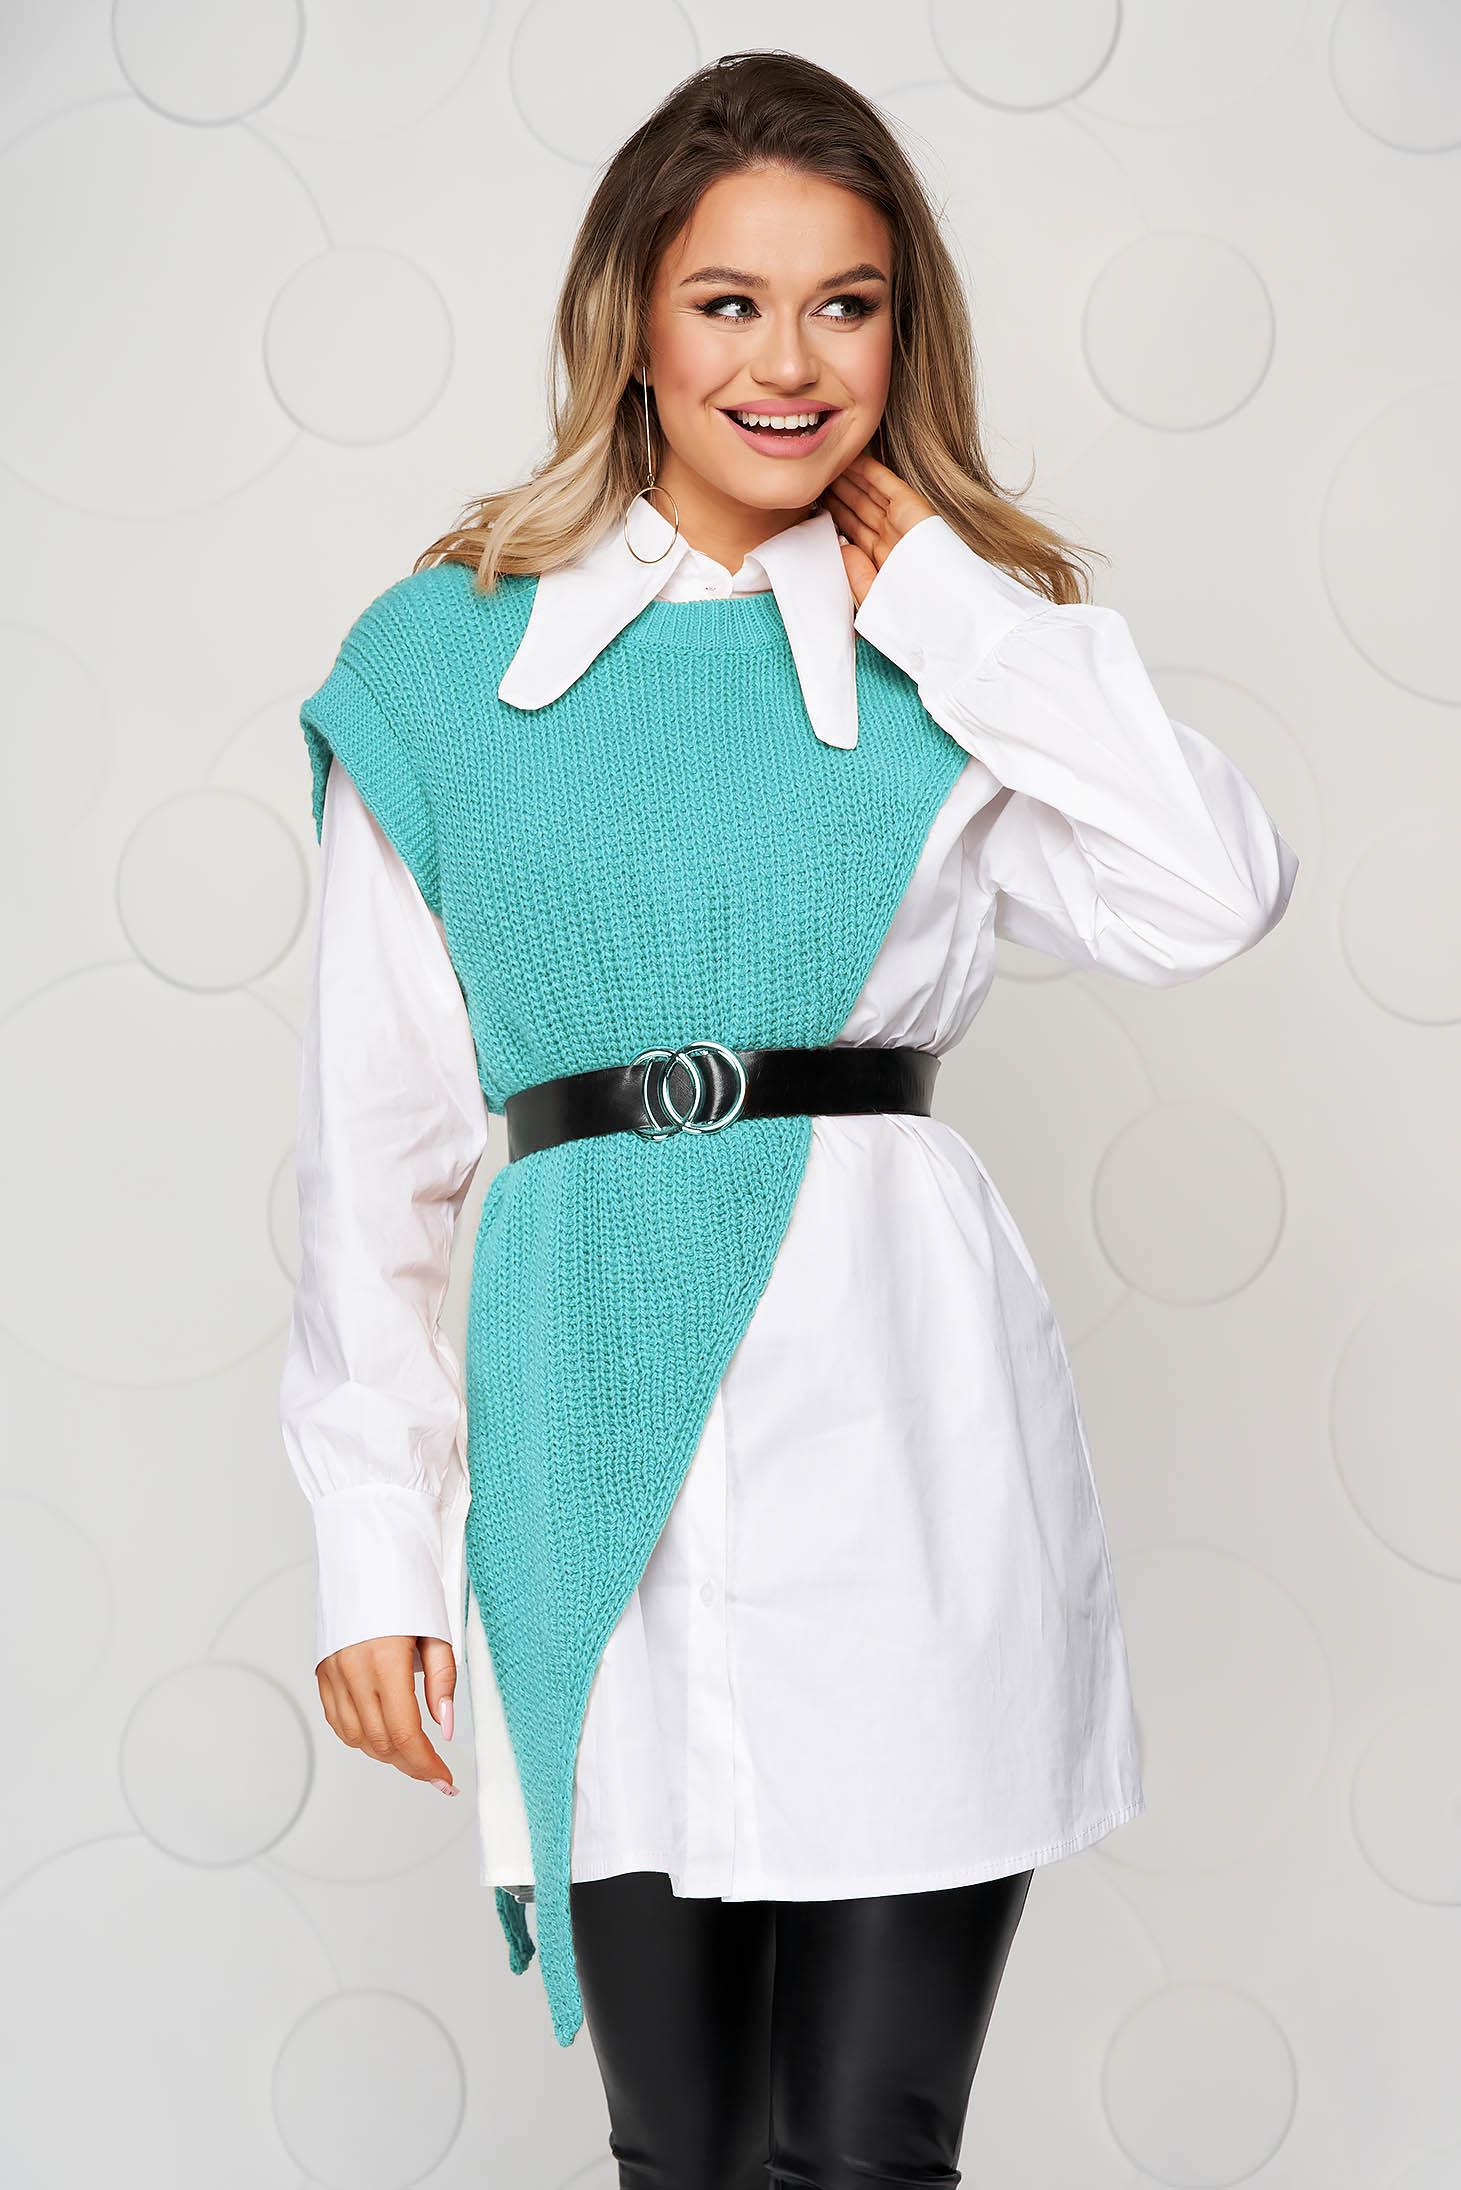 Bő szabású türkizzöld női ing anyag átfedések öv típusú kiegészítővel